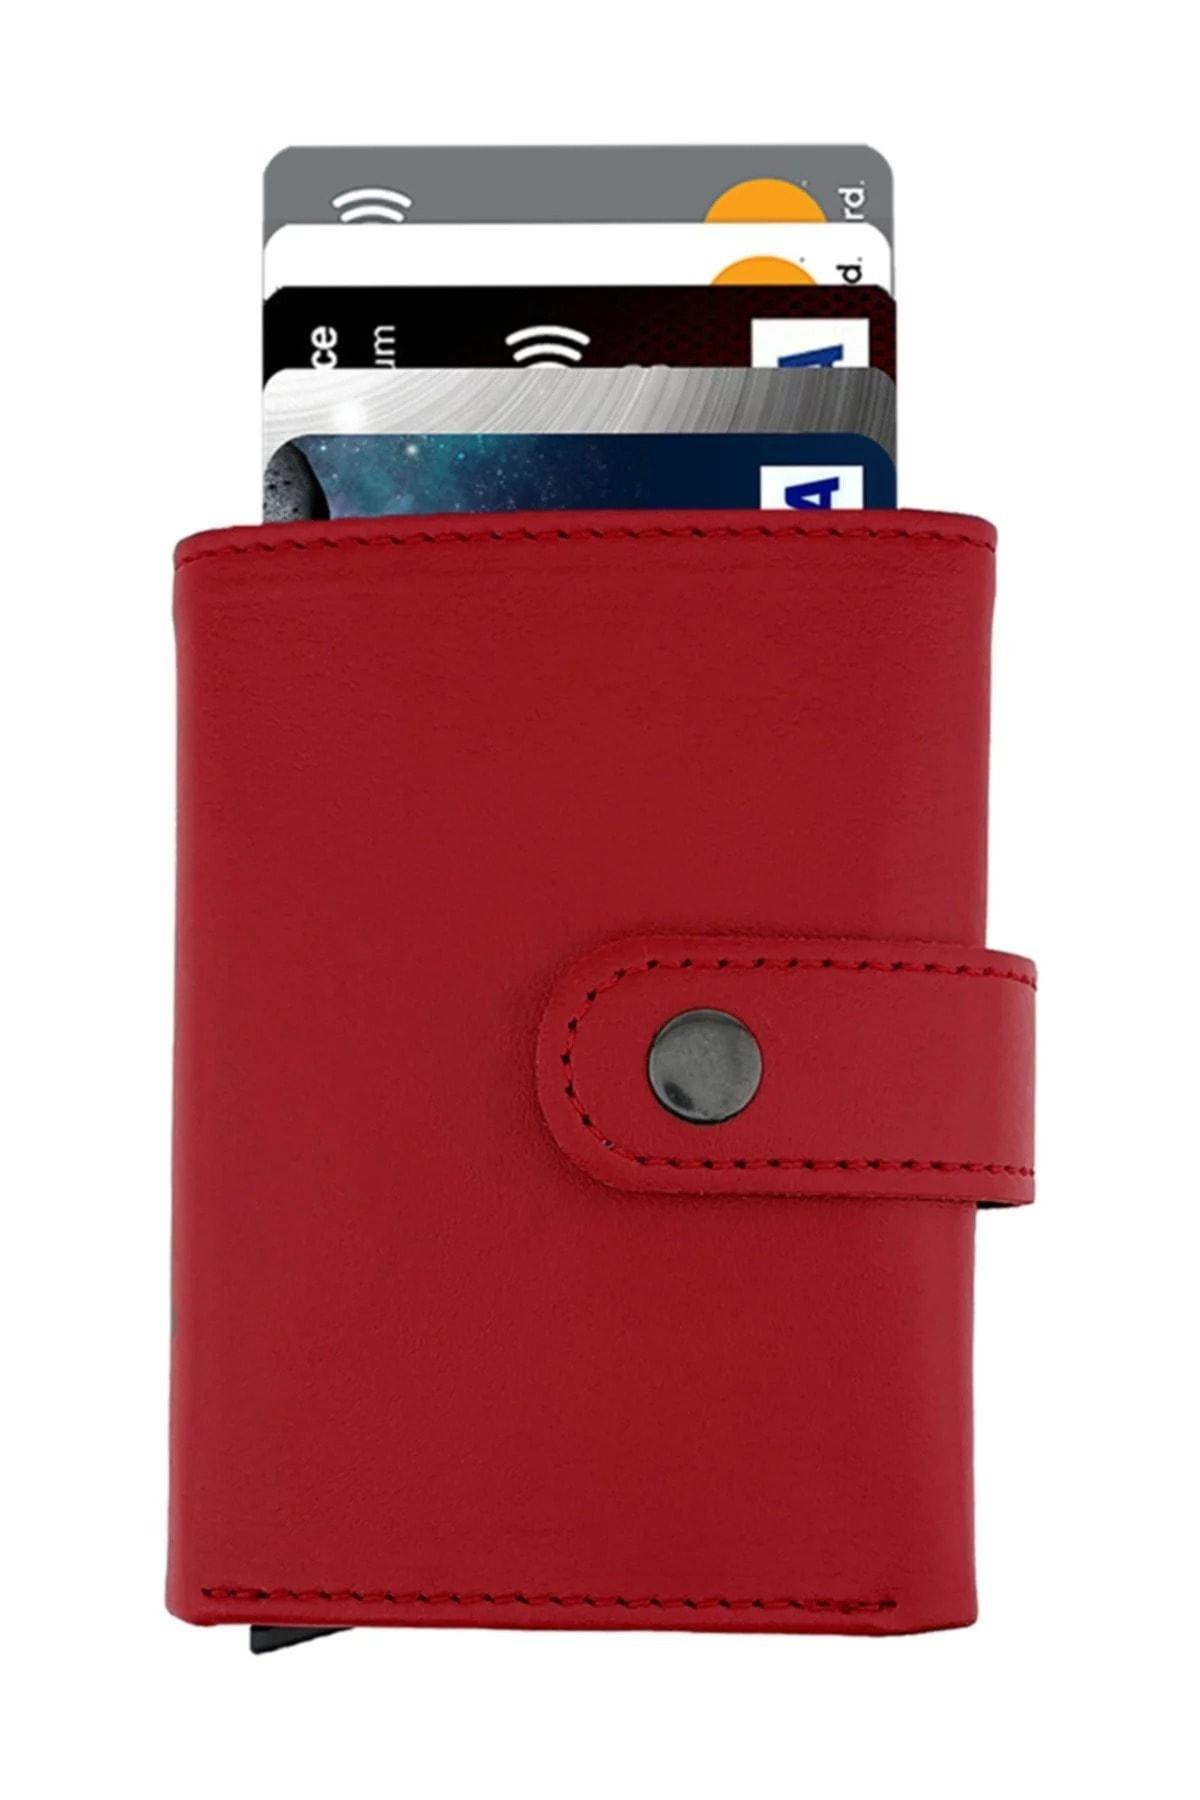 Garbalia Mekanizmalı Kırmızı Kartlık Cüzdan Portföy 2